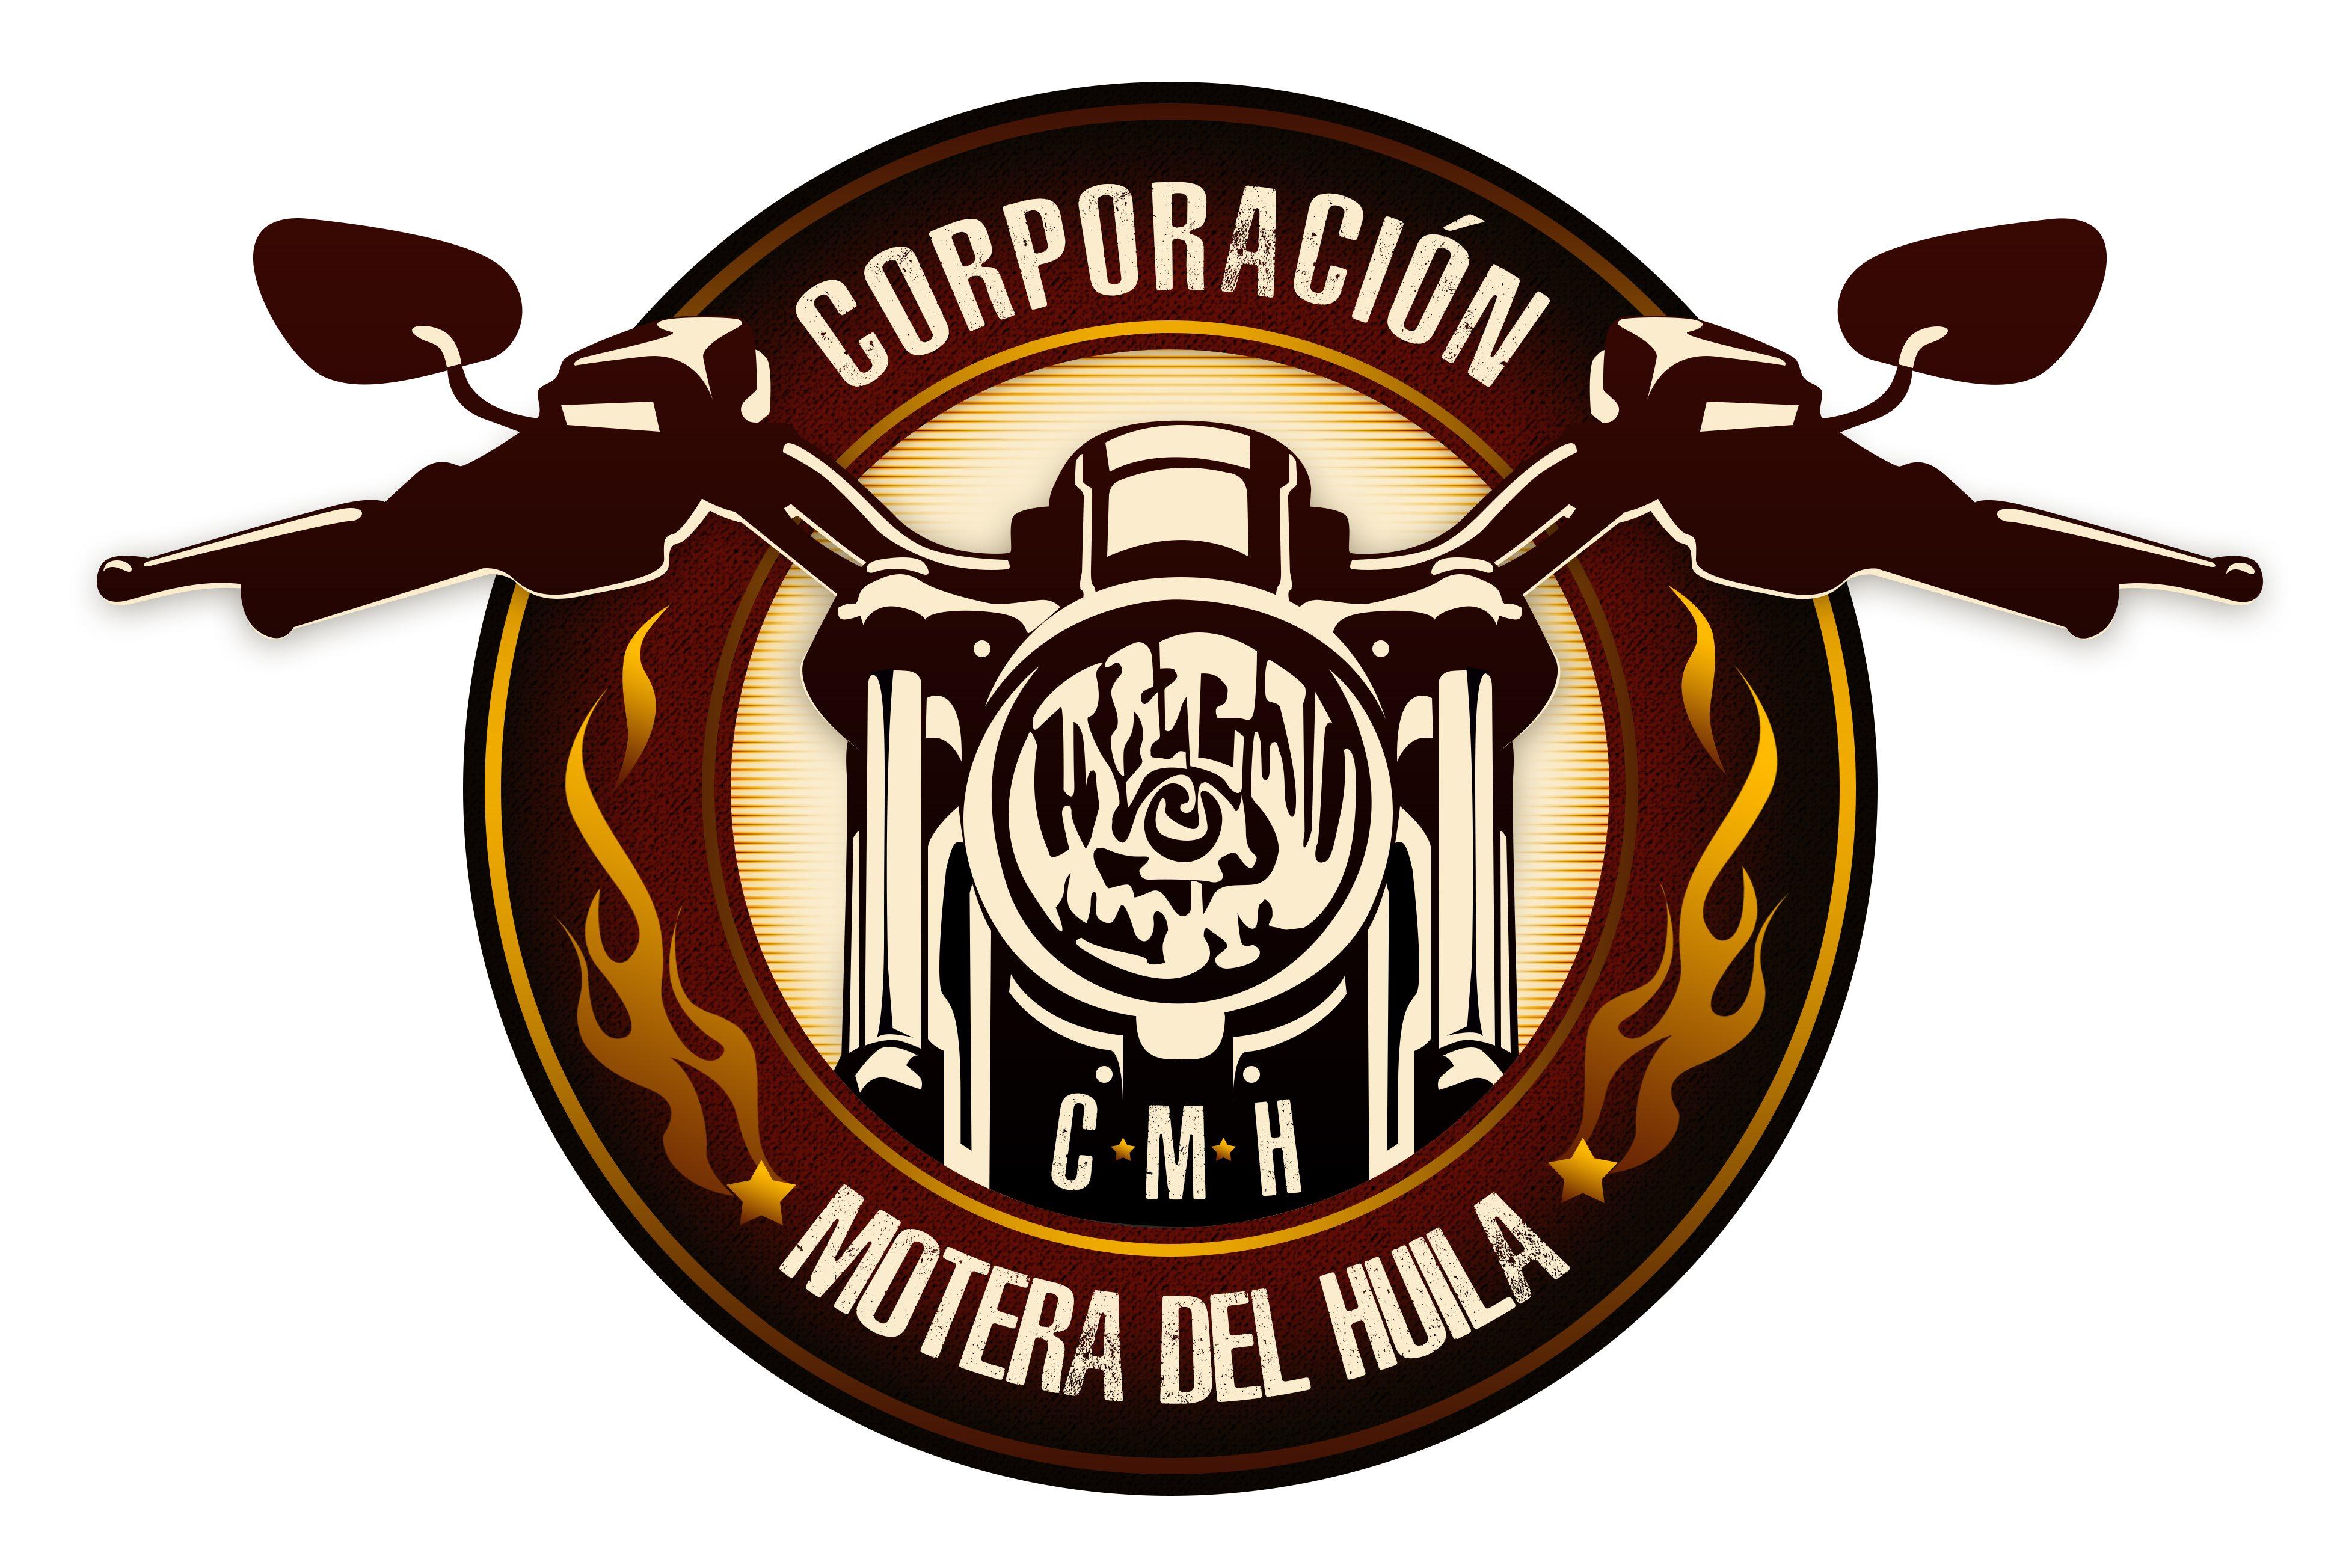 Corporación Motera del Huila